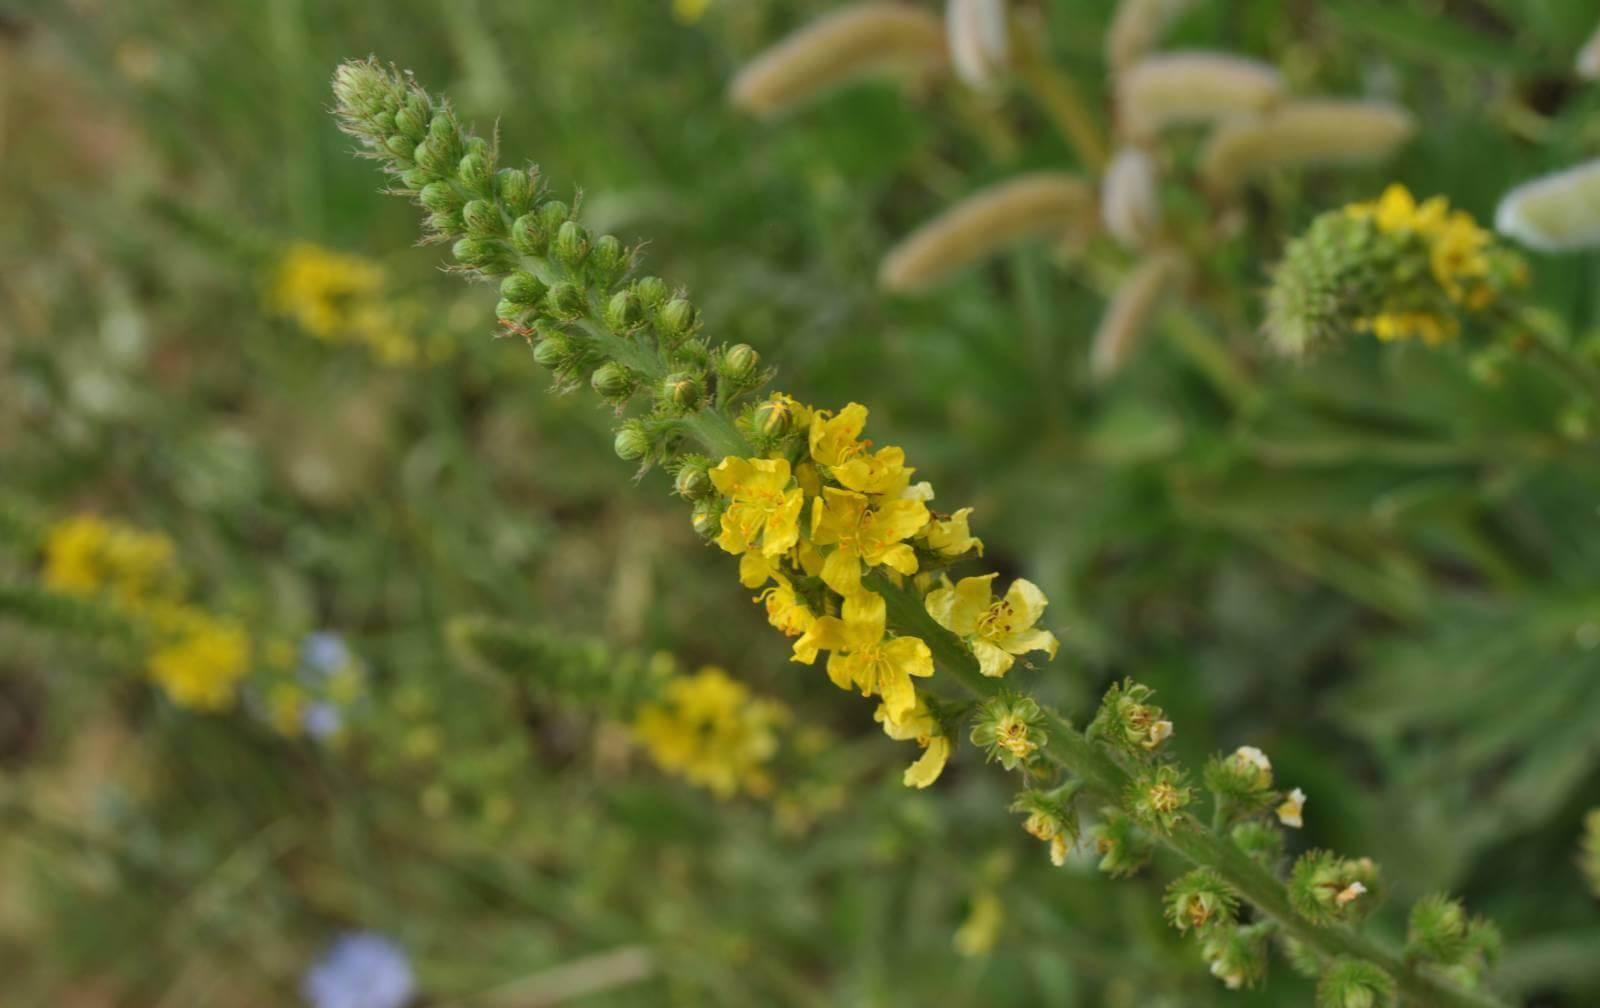 Донник желтый. донник: лечебные свойства и противопоказания